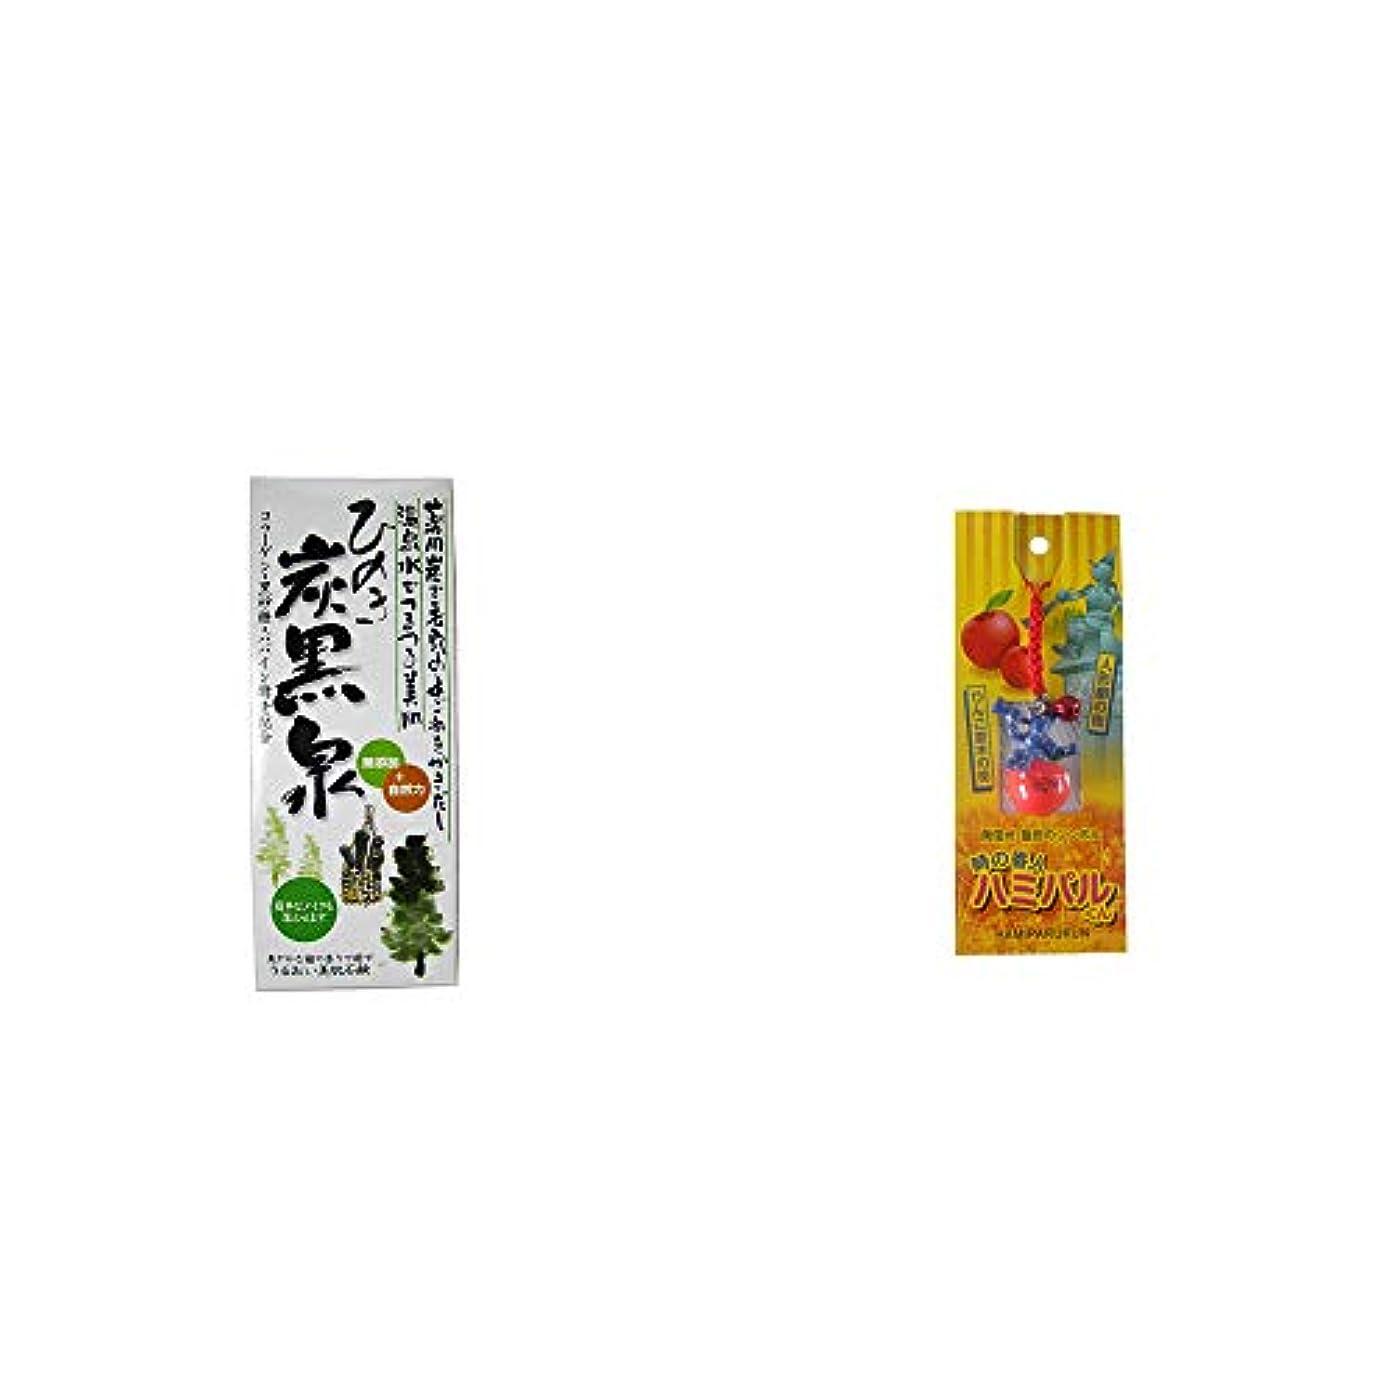 ジョージスティーブンソンアクセル家事をする[2点セット] ひのき炭黒泉 箱入り(75g×3)?信州?飯田のシンボル 時の番人ハミパルくんストラップ